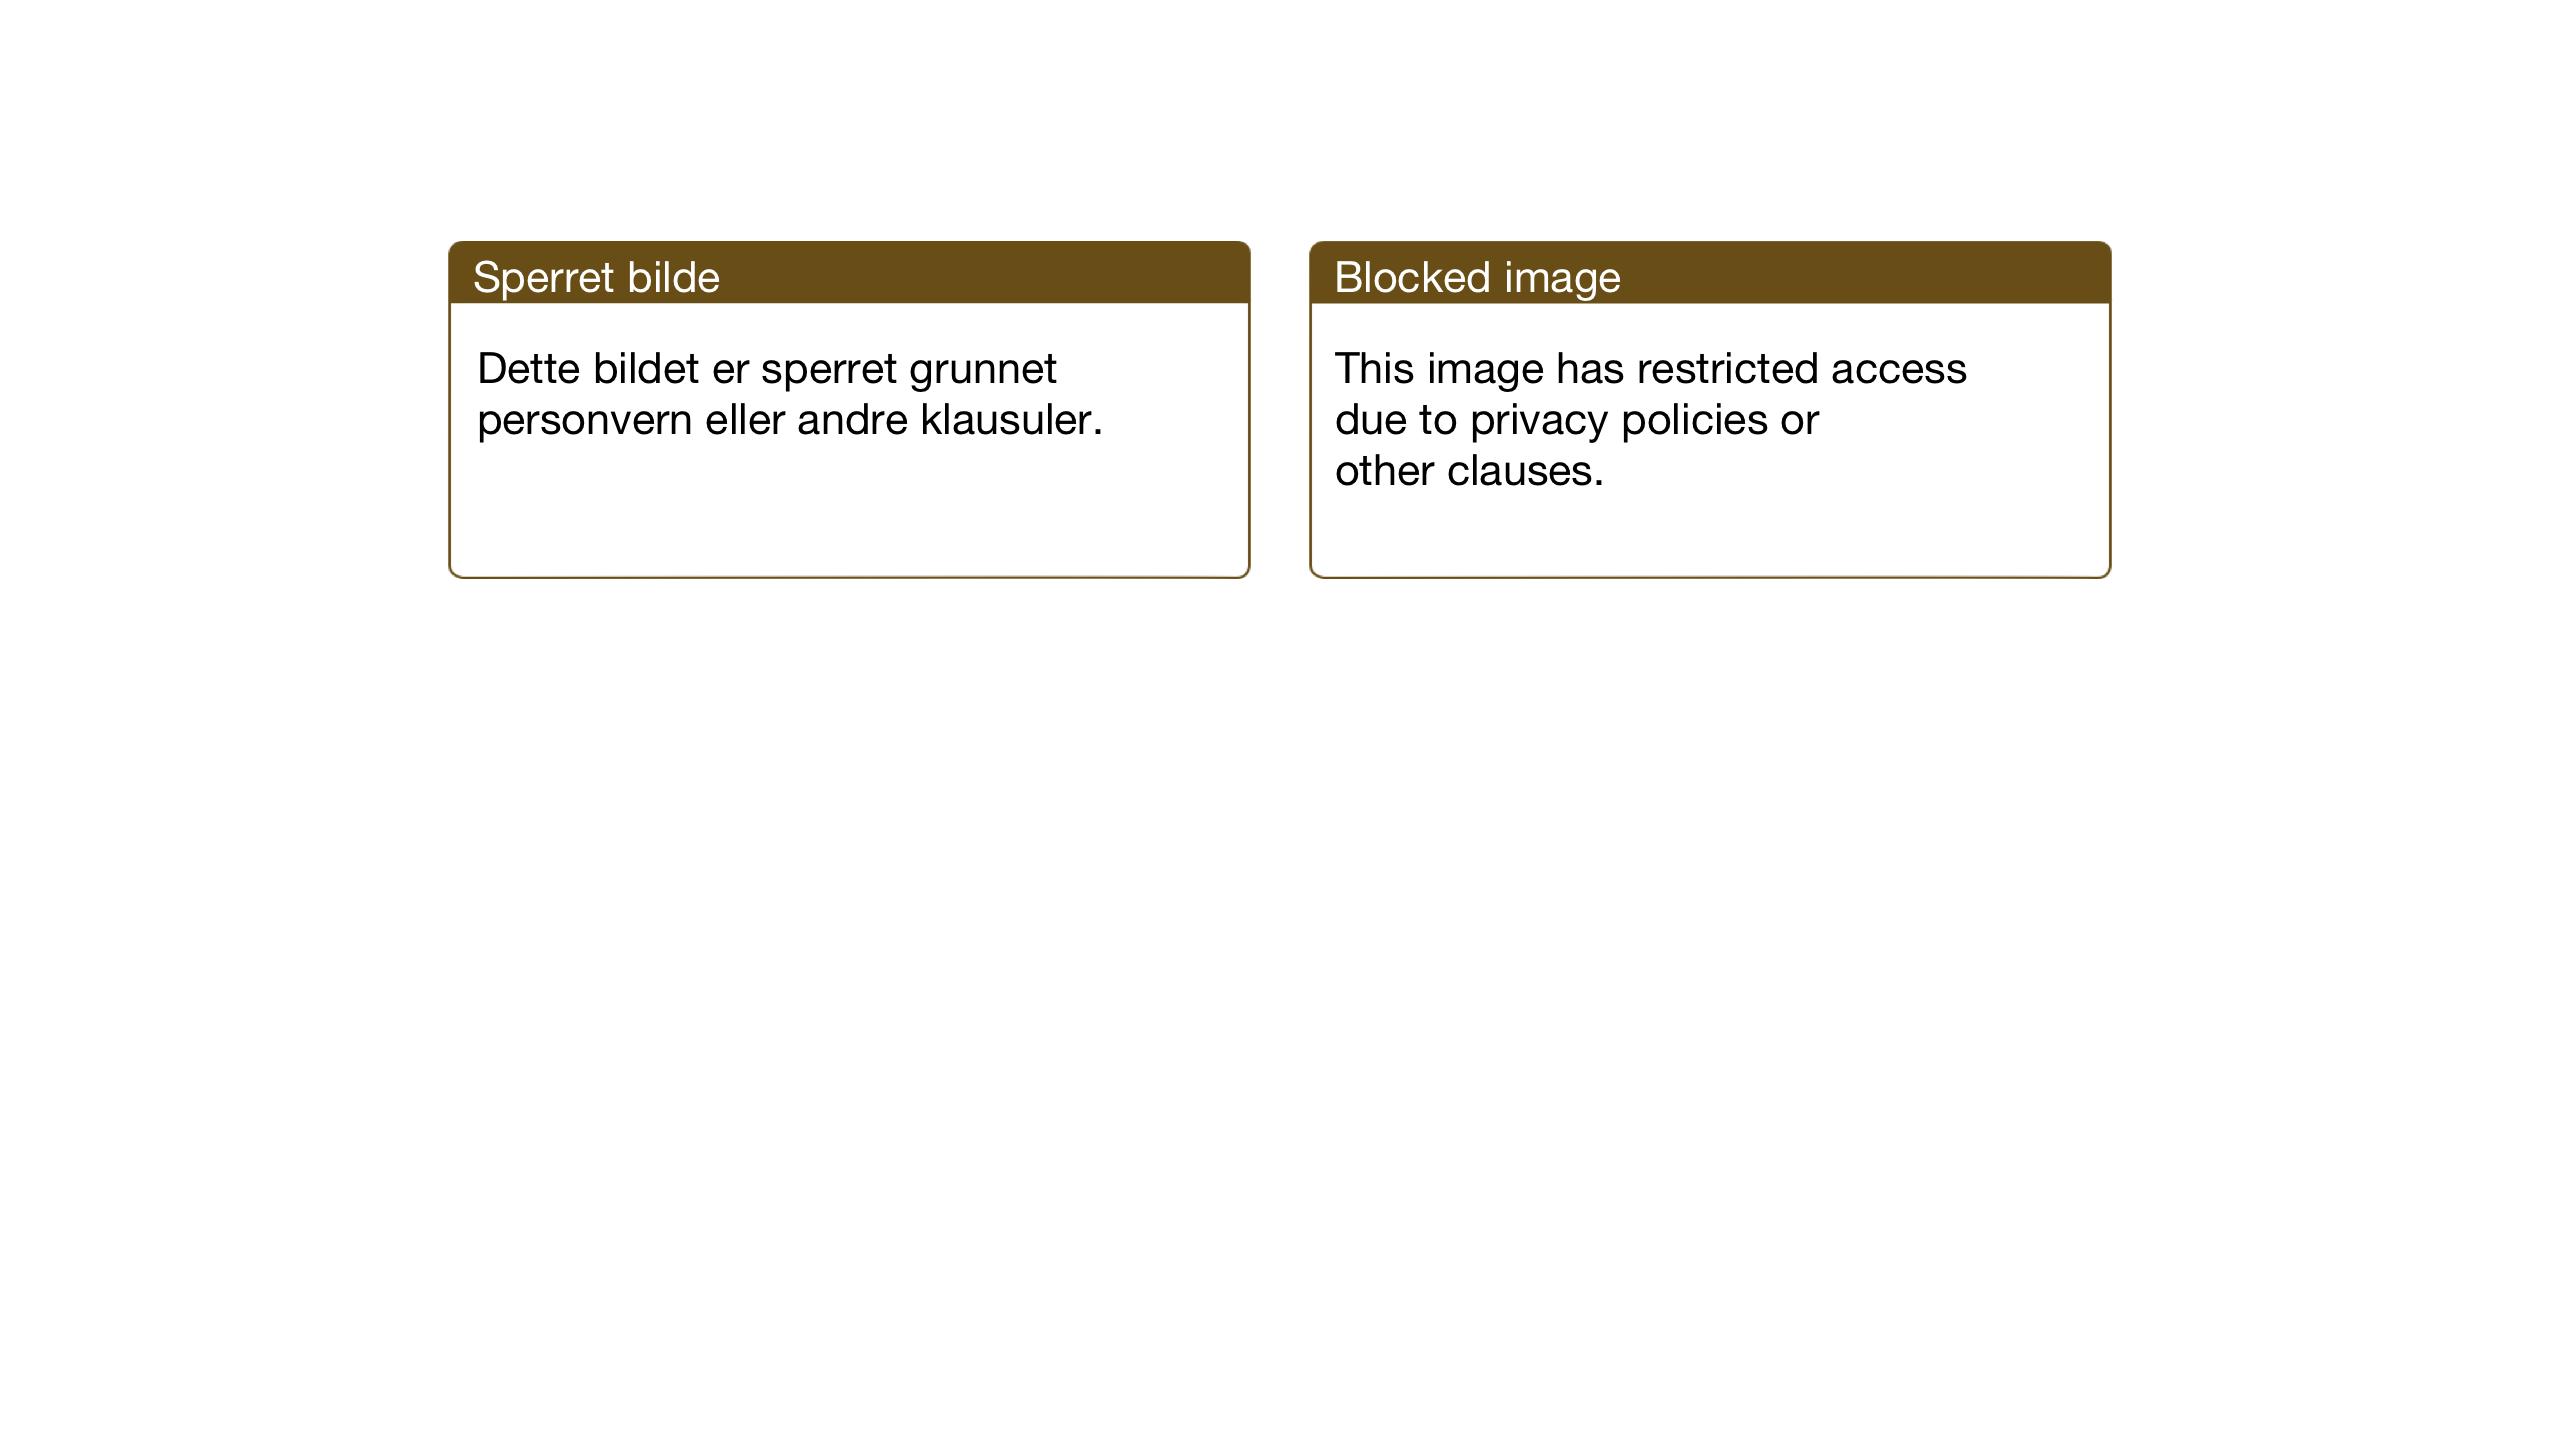 SAT, Ministerialprotokoller, klokkerbøker og fødselsregistre - Sør-Trøndelag, 605/L0248: Ministerialbok nr. 605A10, 1920-1937, s. 259